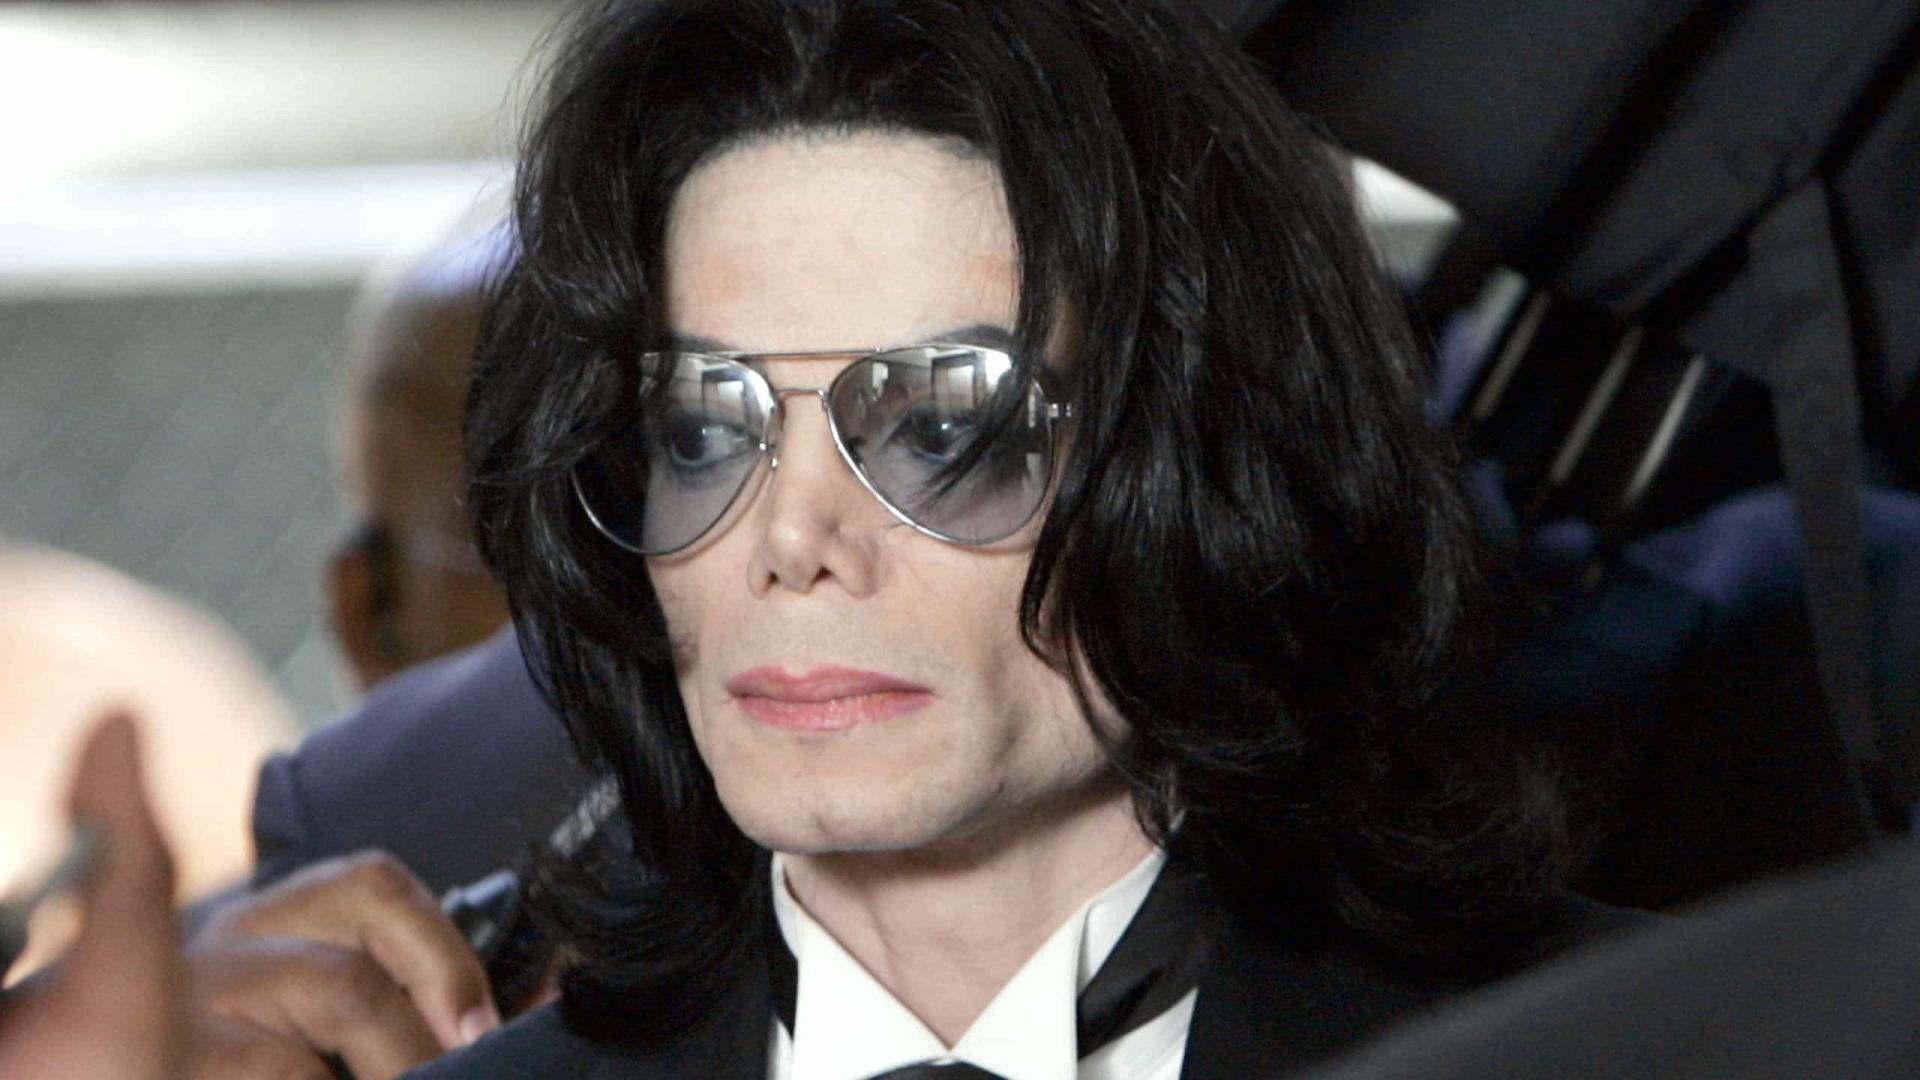 Fotos raras do quarto onde Michael Jackson morreu são divulgadas